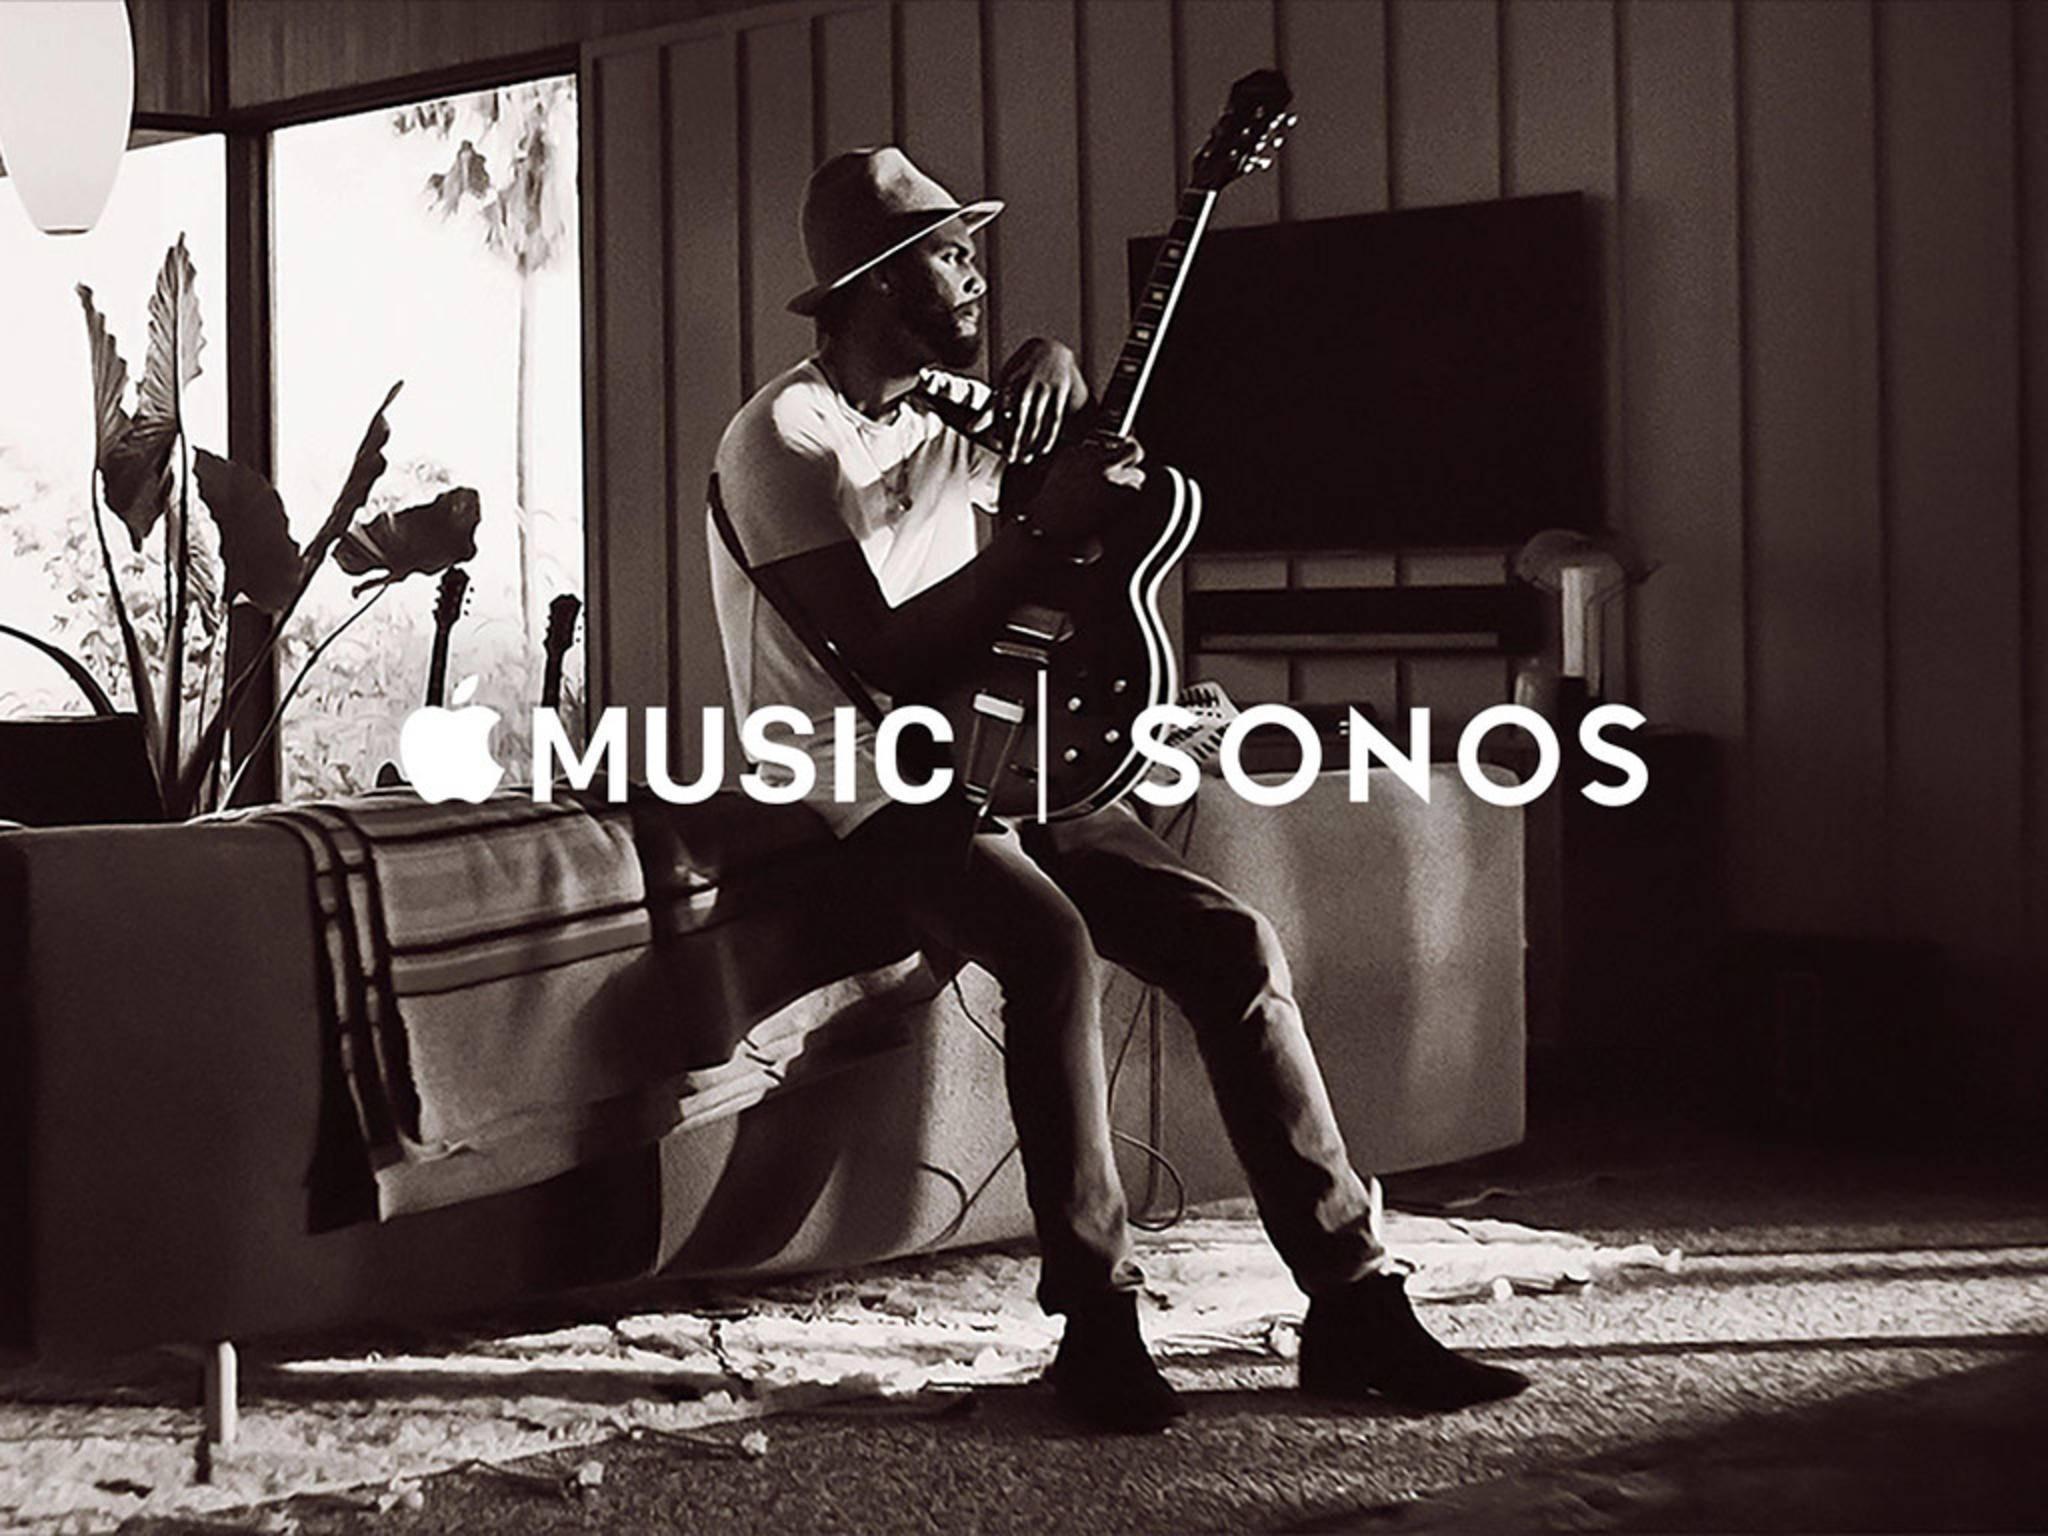 Apple Music kann jetzt auf Sonos-Lautsprechern gestreamt werden.